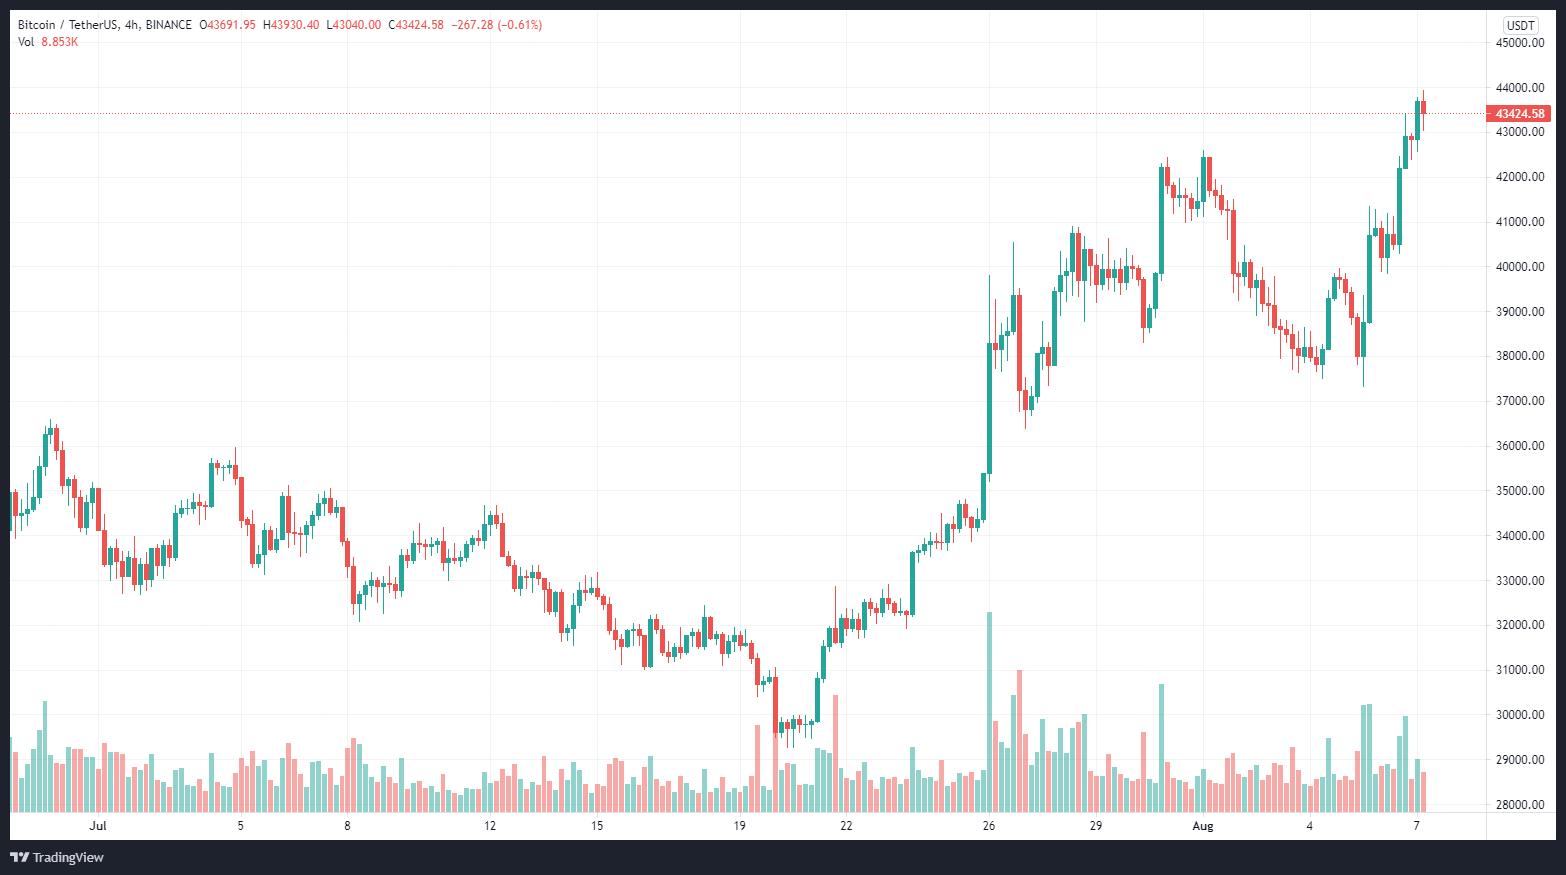 BTCUSDT grafico e quotazioni — TradingView